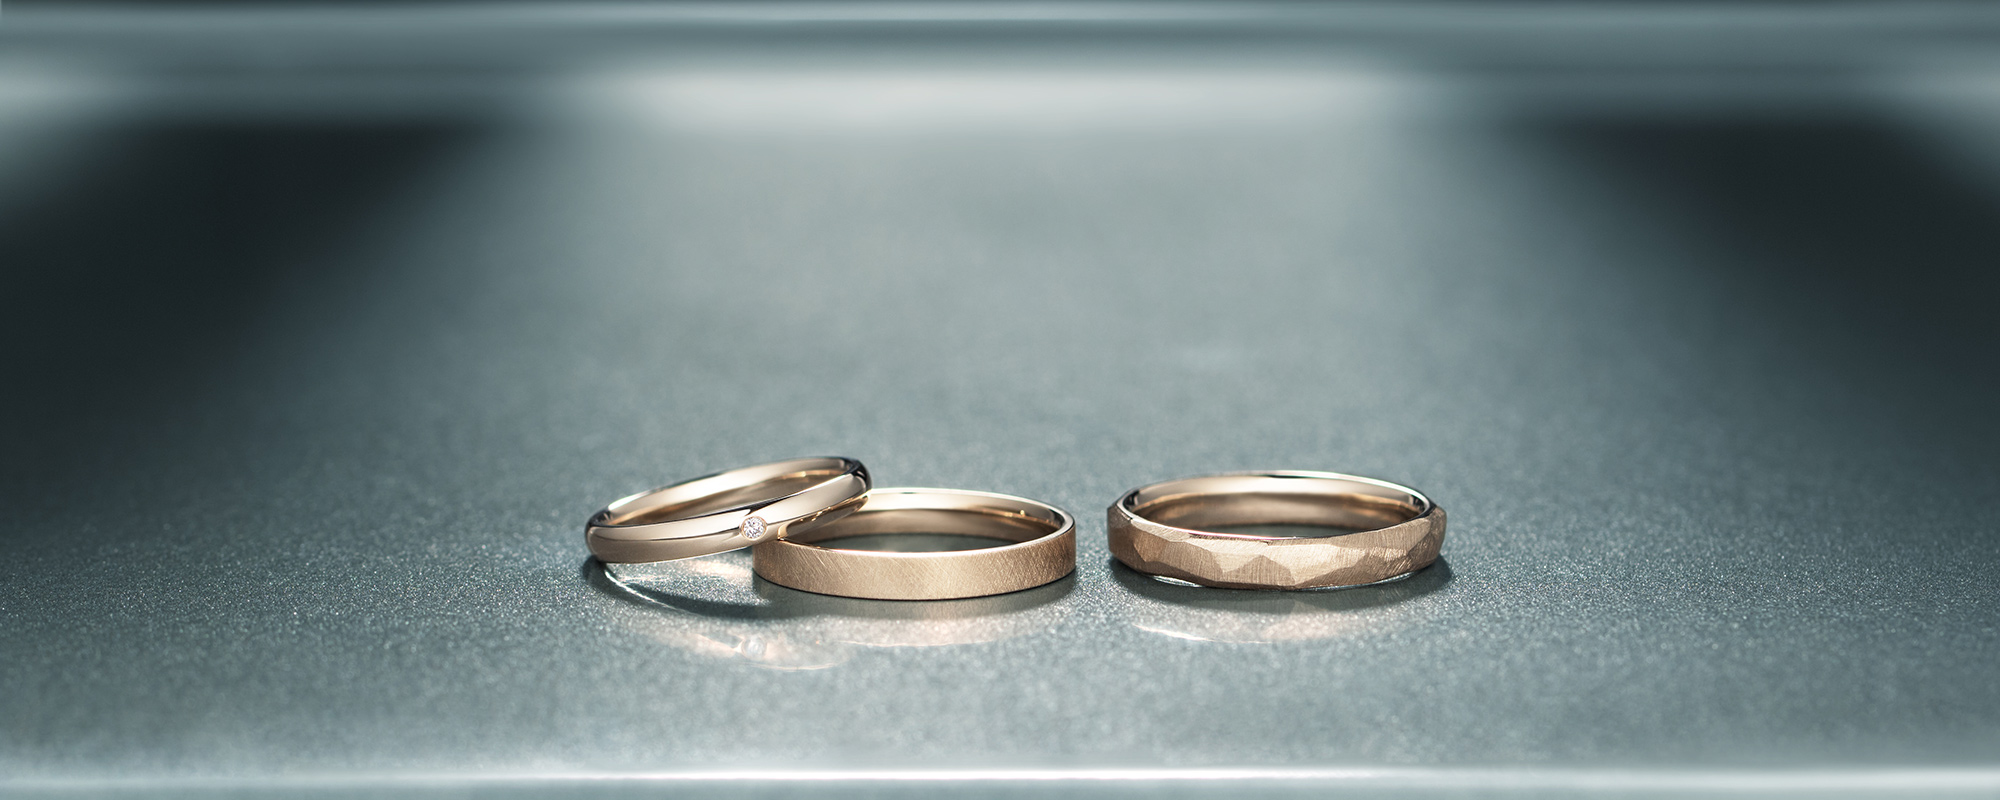 シャンパンゴールドの結婚指輪